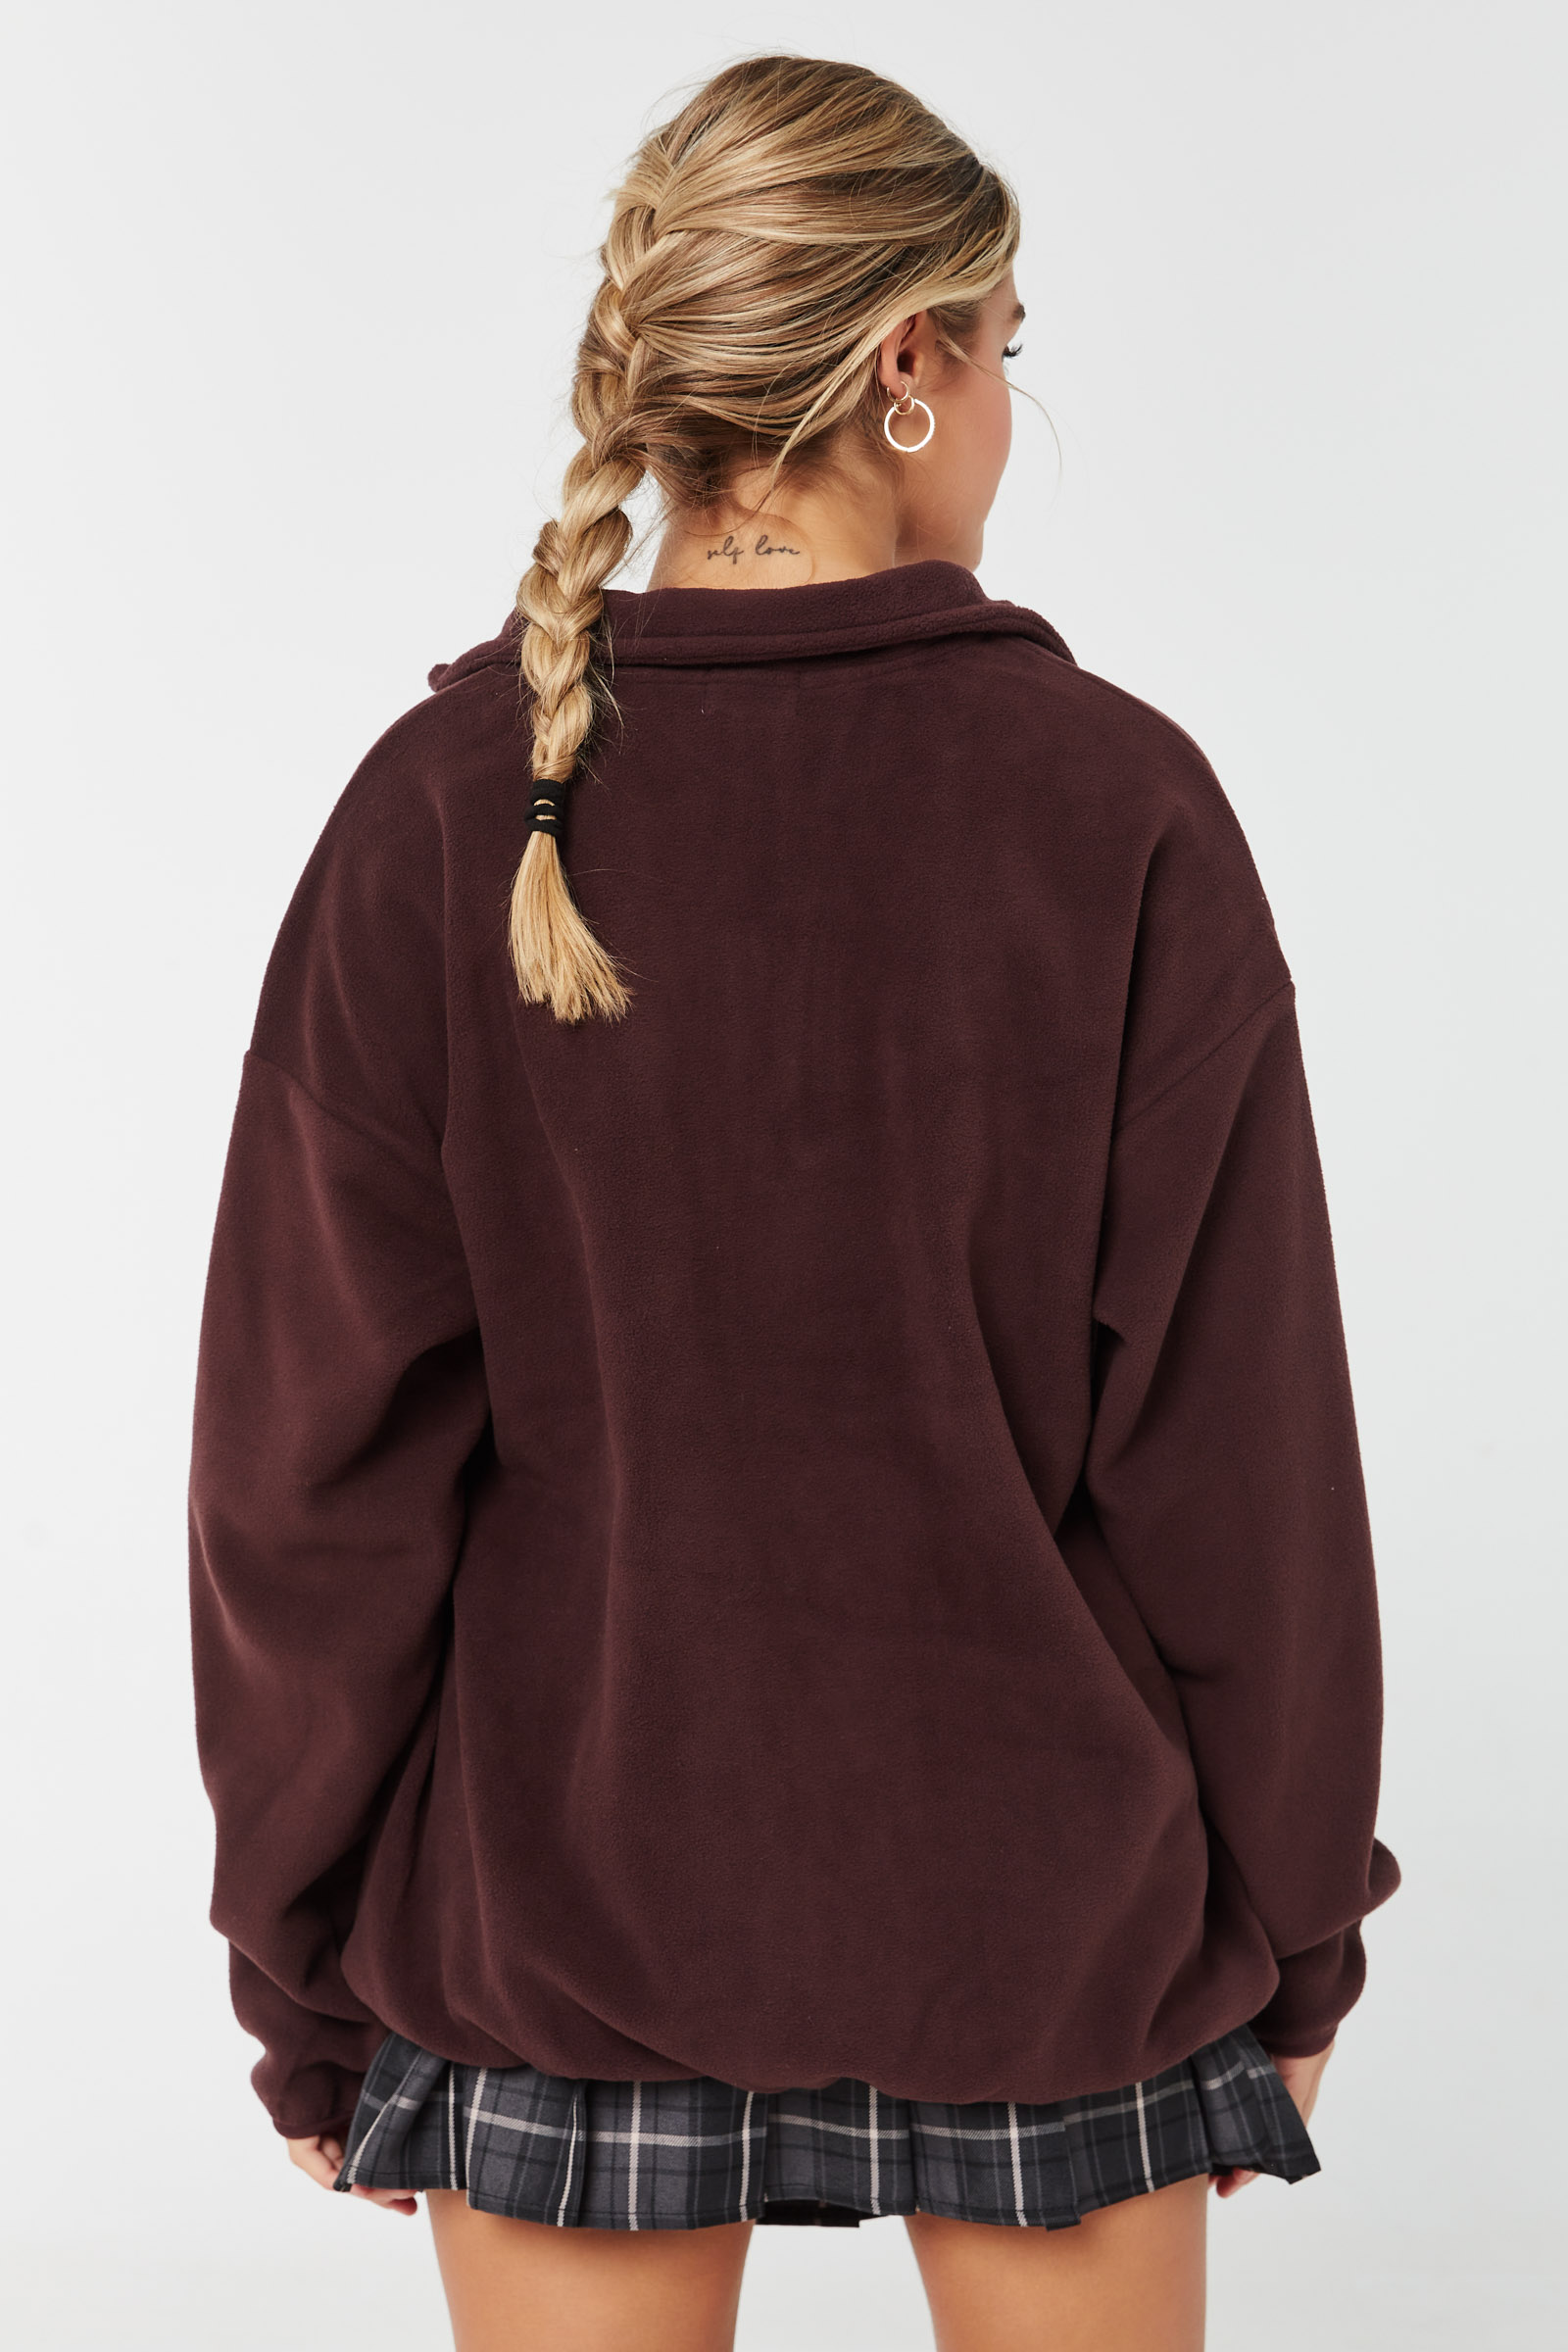 Half-Zip Boyfriend Sweatshirt